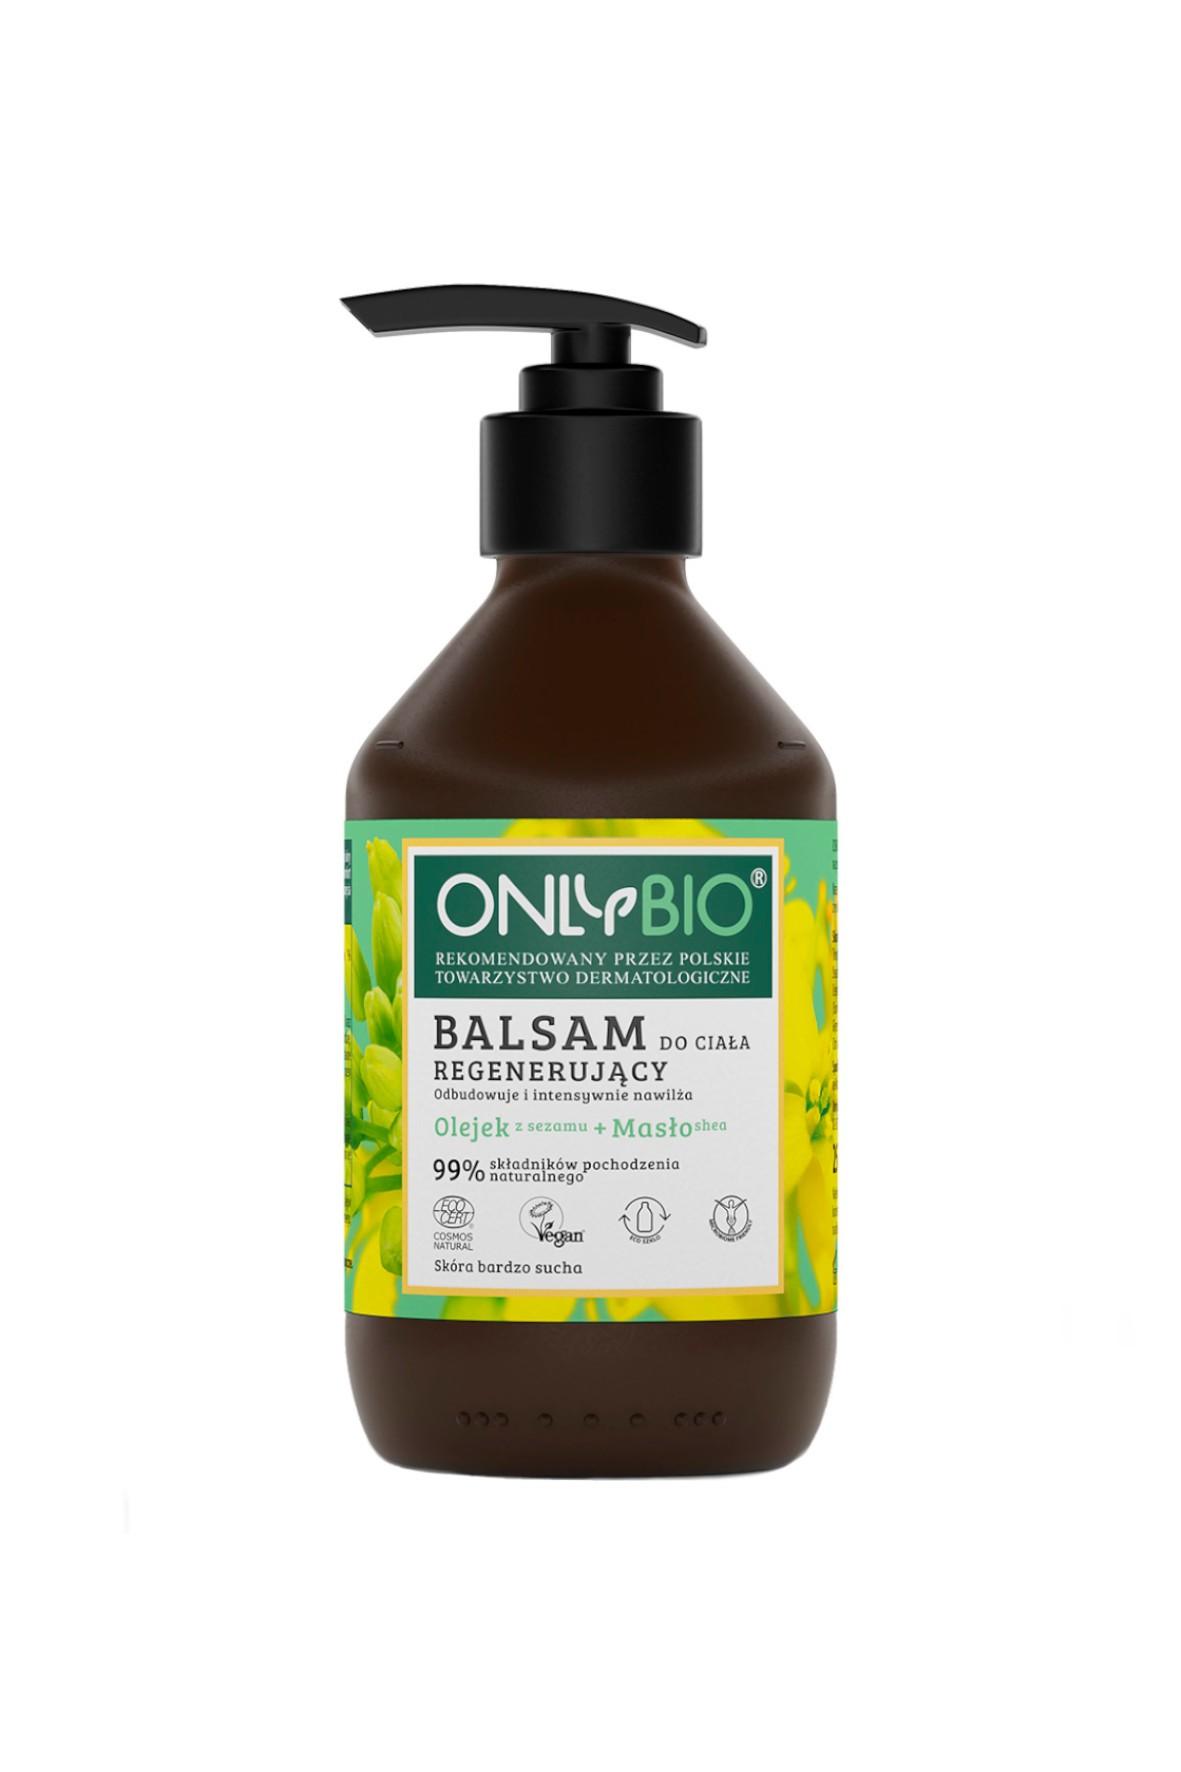 Balsam do ciała regenerujący OnlyBio 250ml